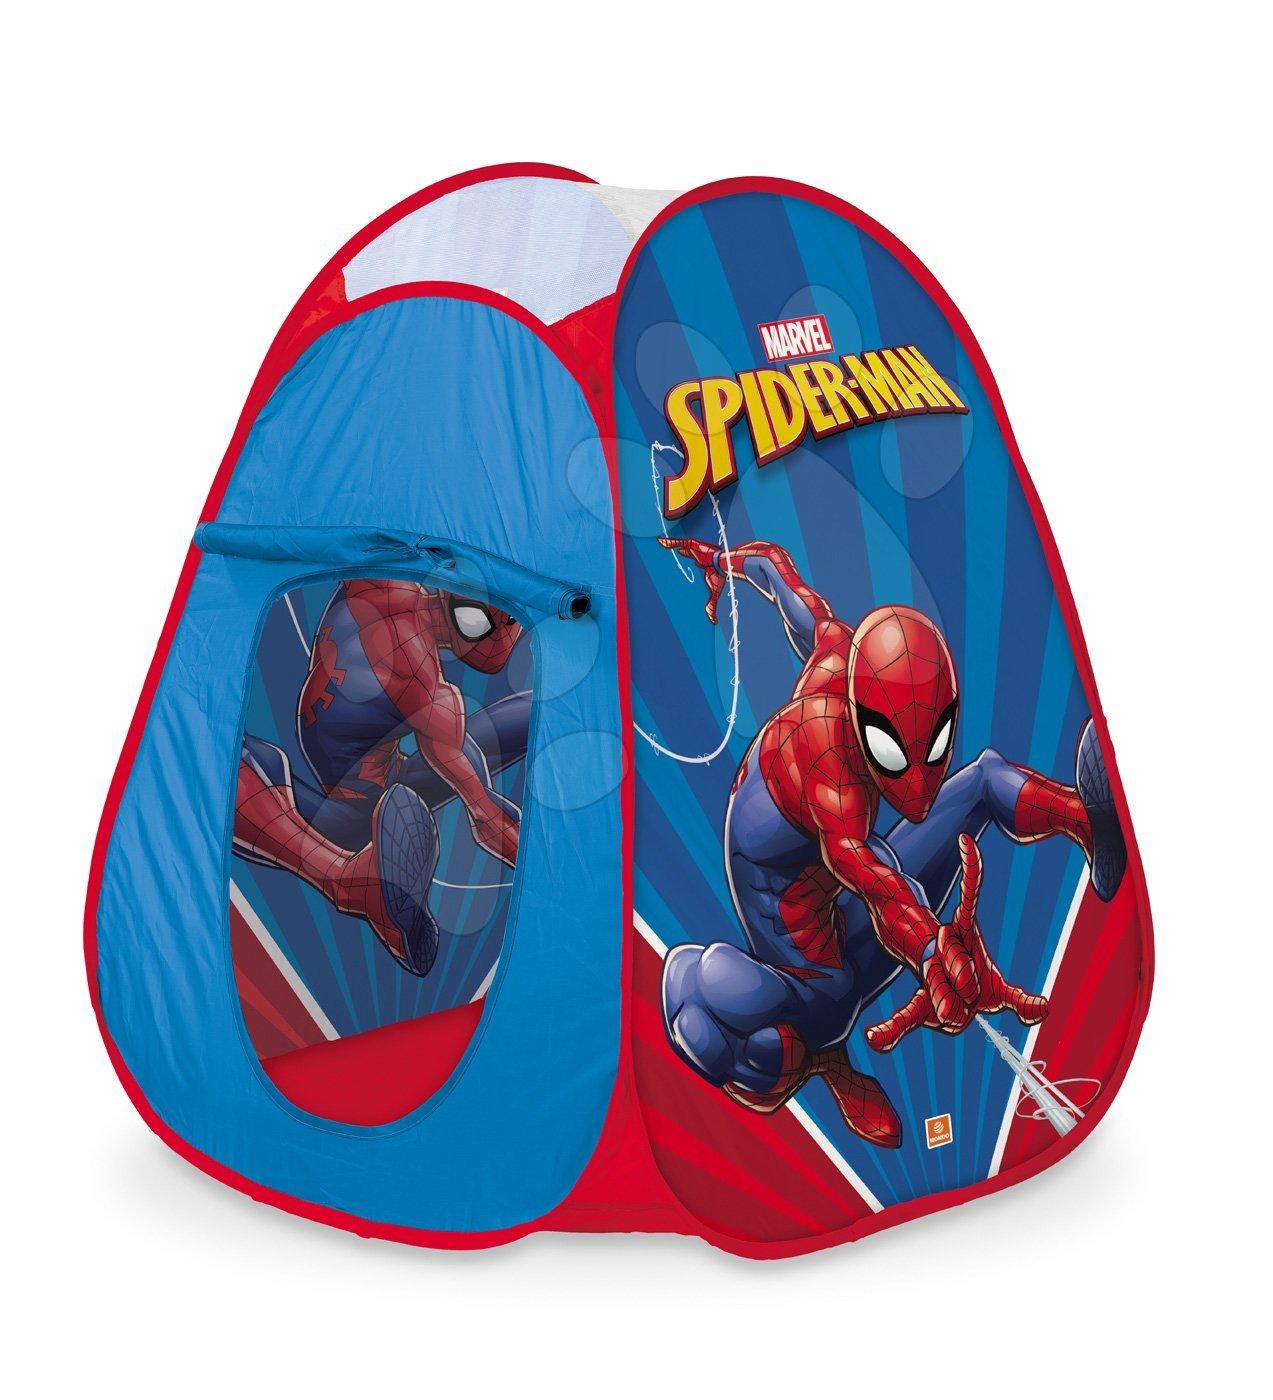 Dětské stany - Stan Spiderman Pop Up Mondo s okrouhlou taškou červenou